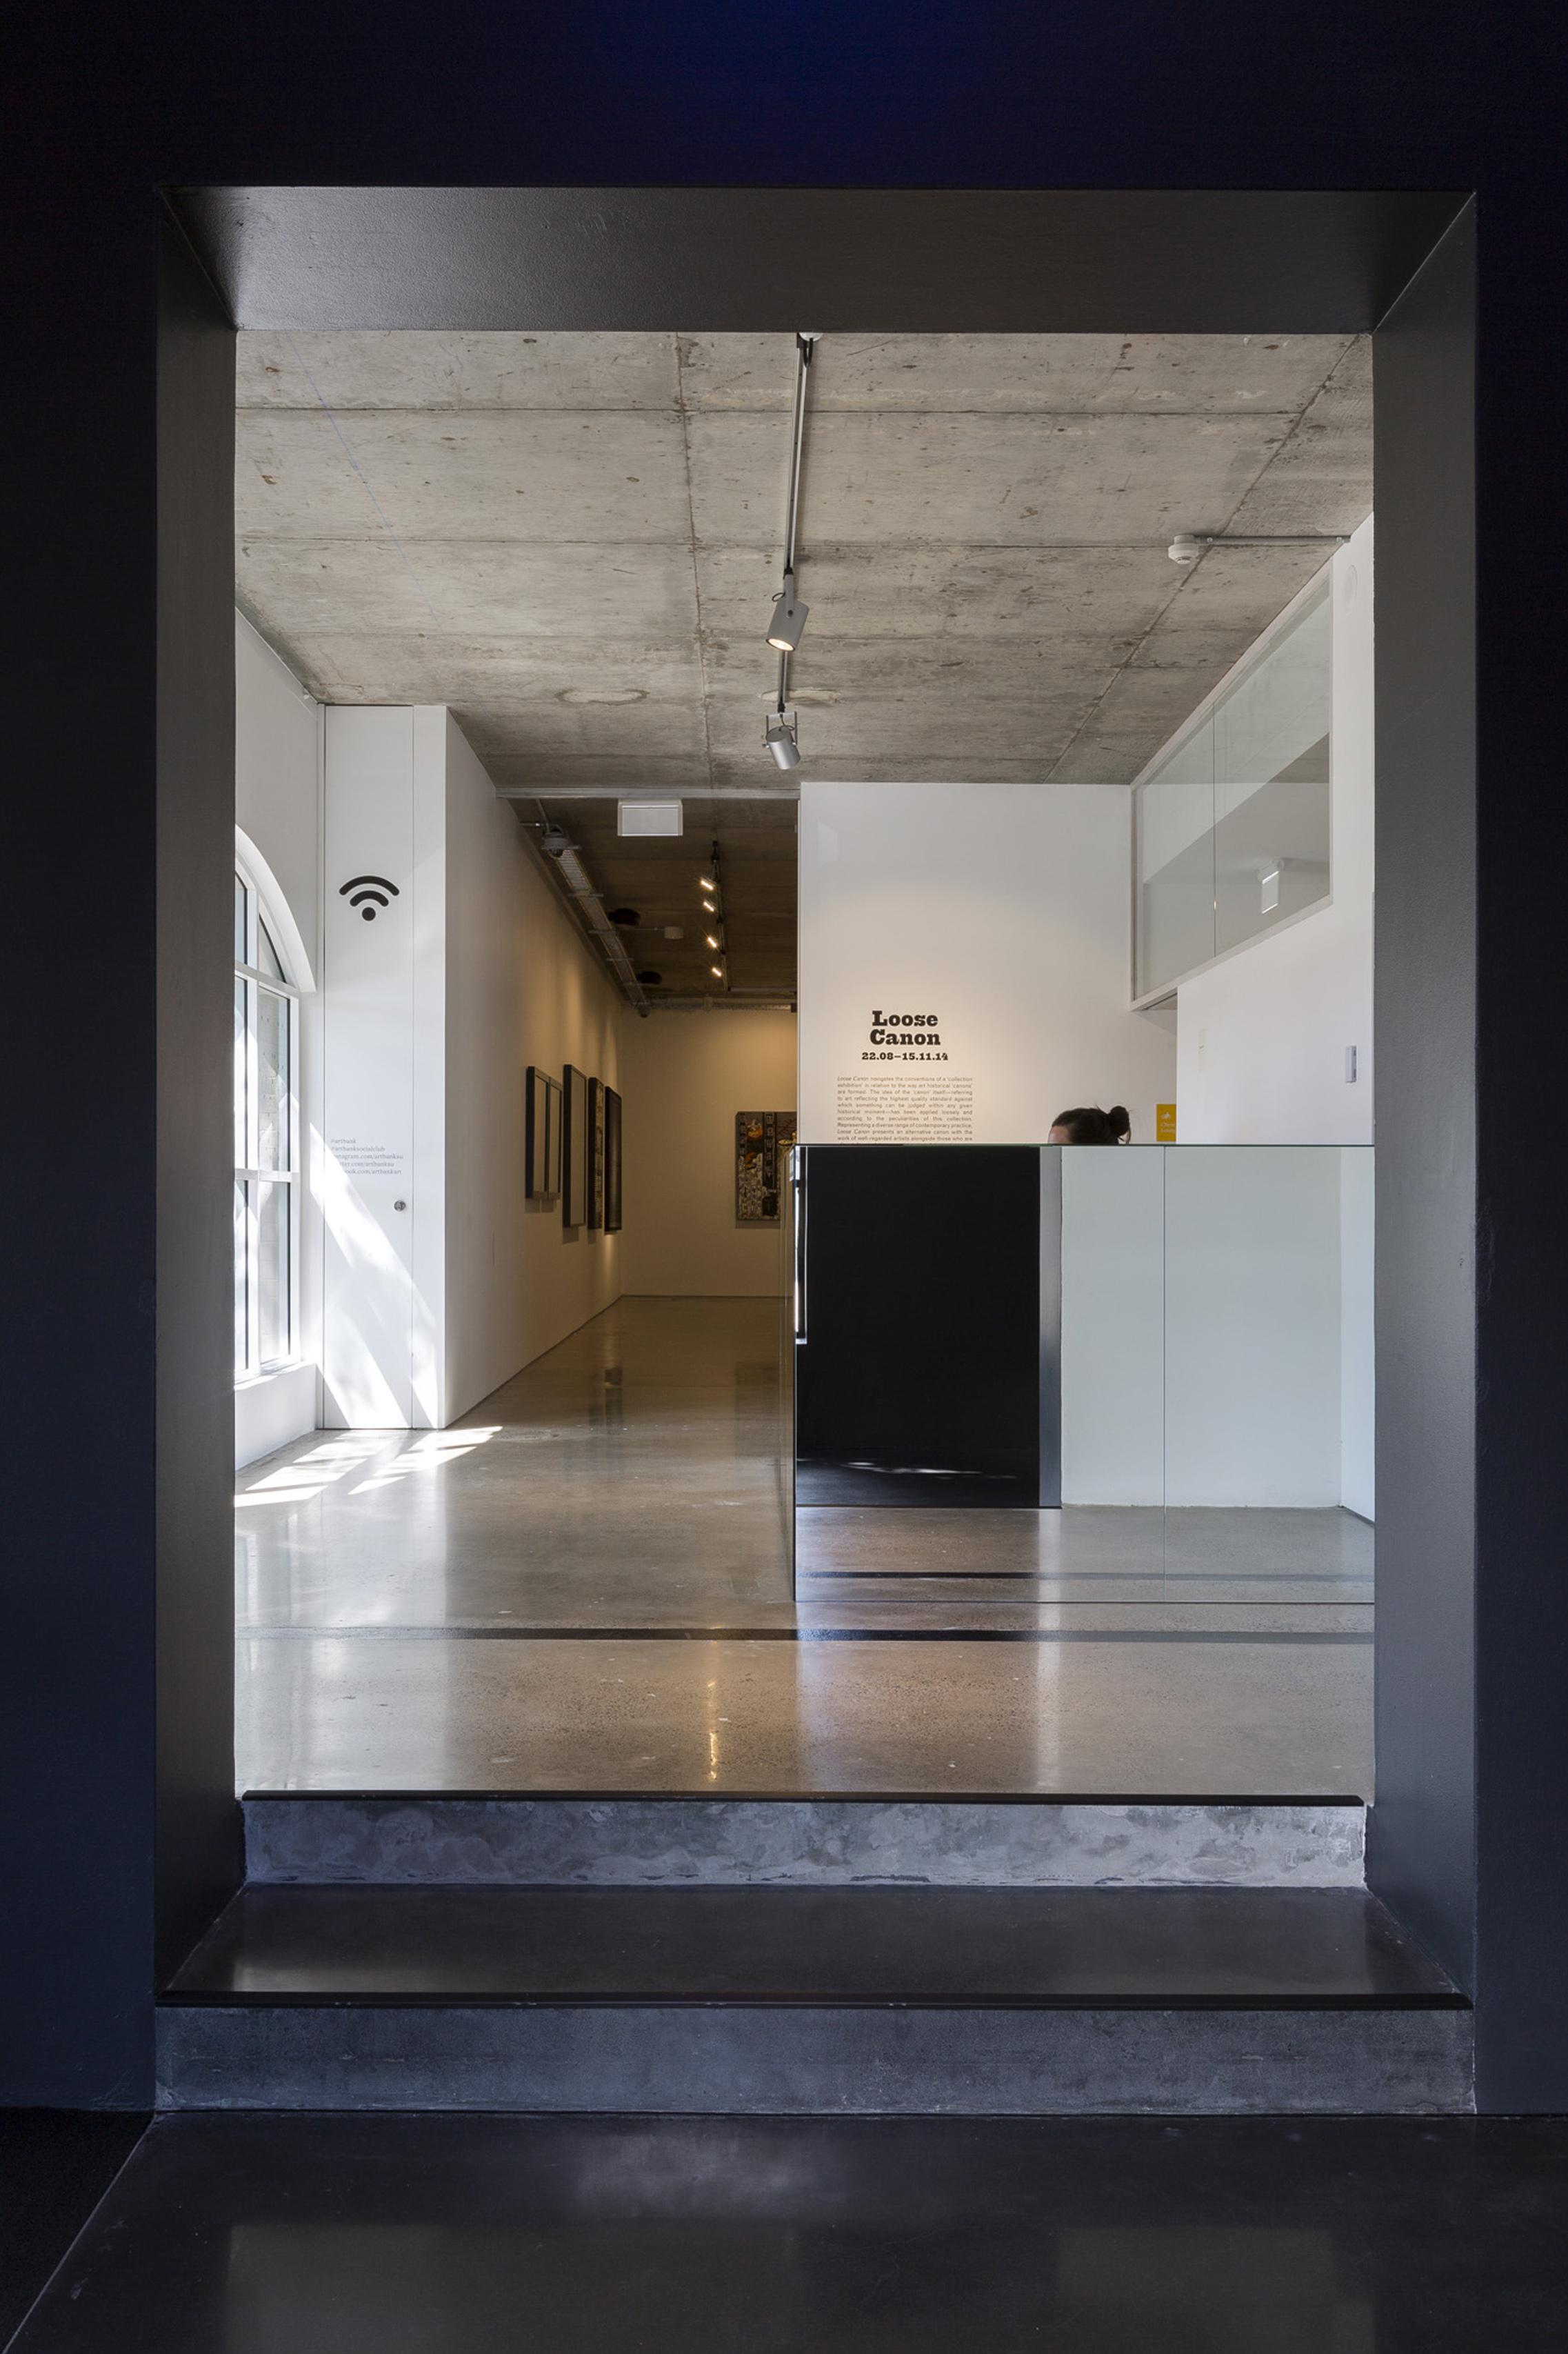 4D6C8837_Aileen Sage_Artbank Ground Floor_141010.jpg